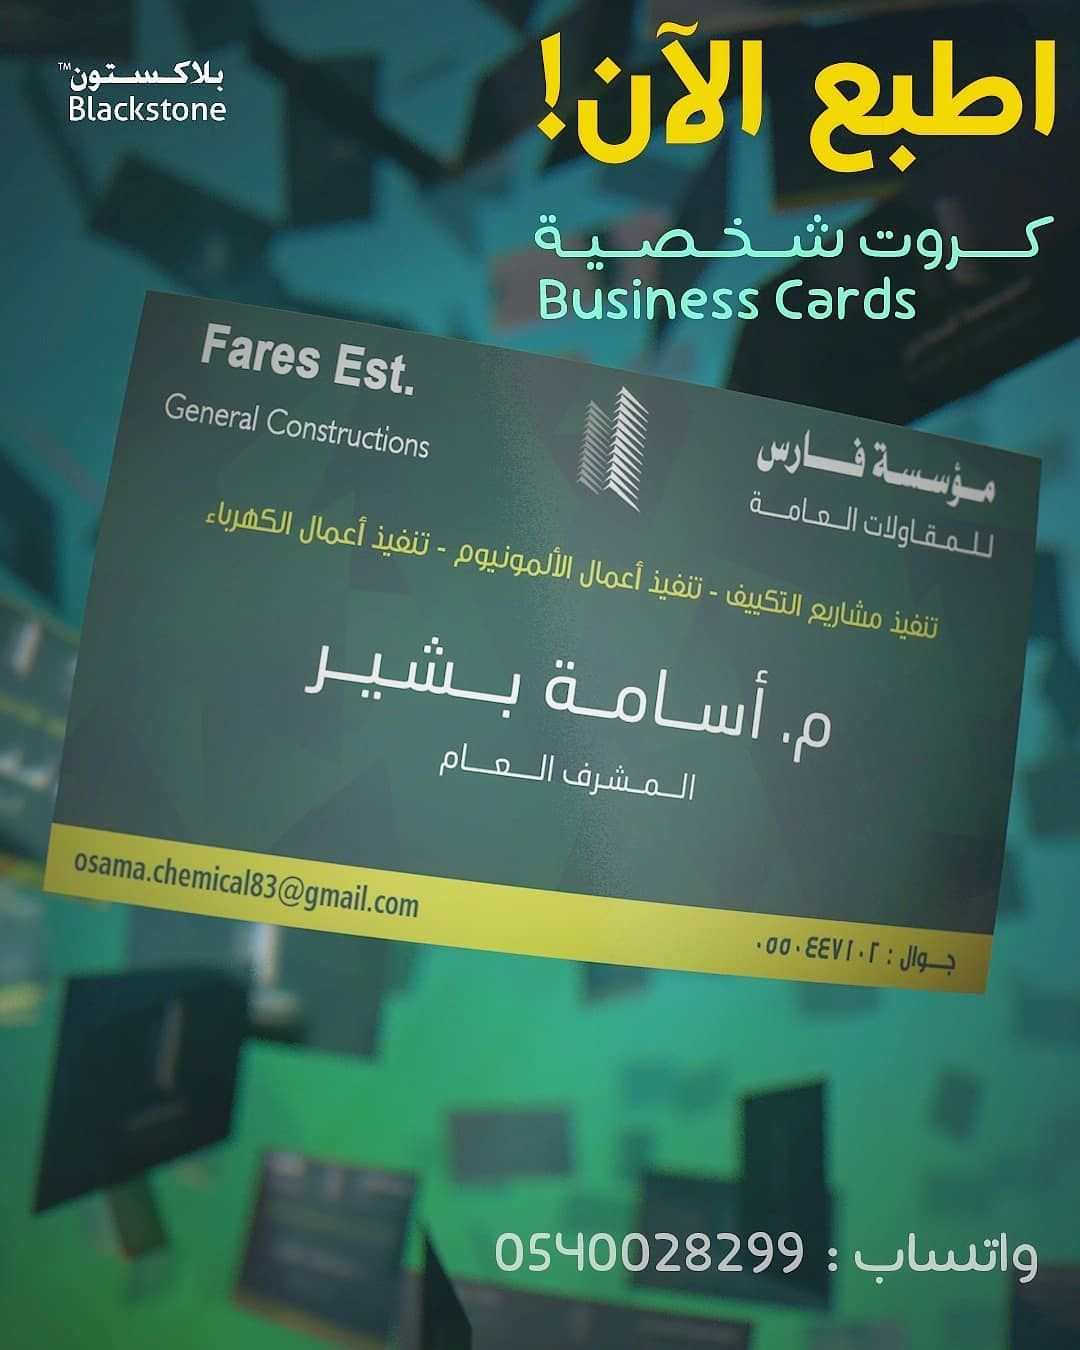 طباعة كروت شخصية الرياض كرت بيزنس تصميم هوية شركة محل متجر خدمة مؤسسة مقاولات Cards Business General Construction